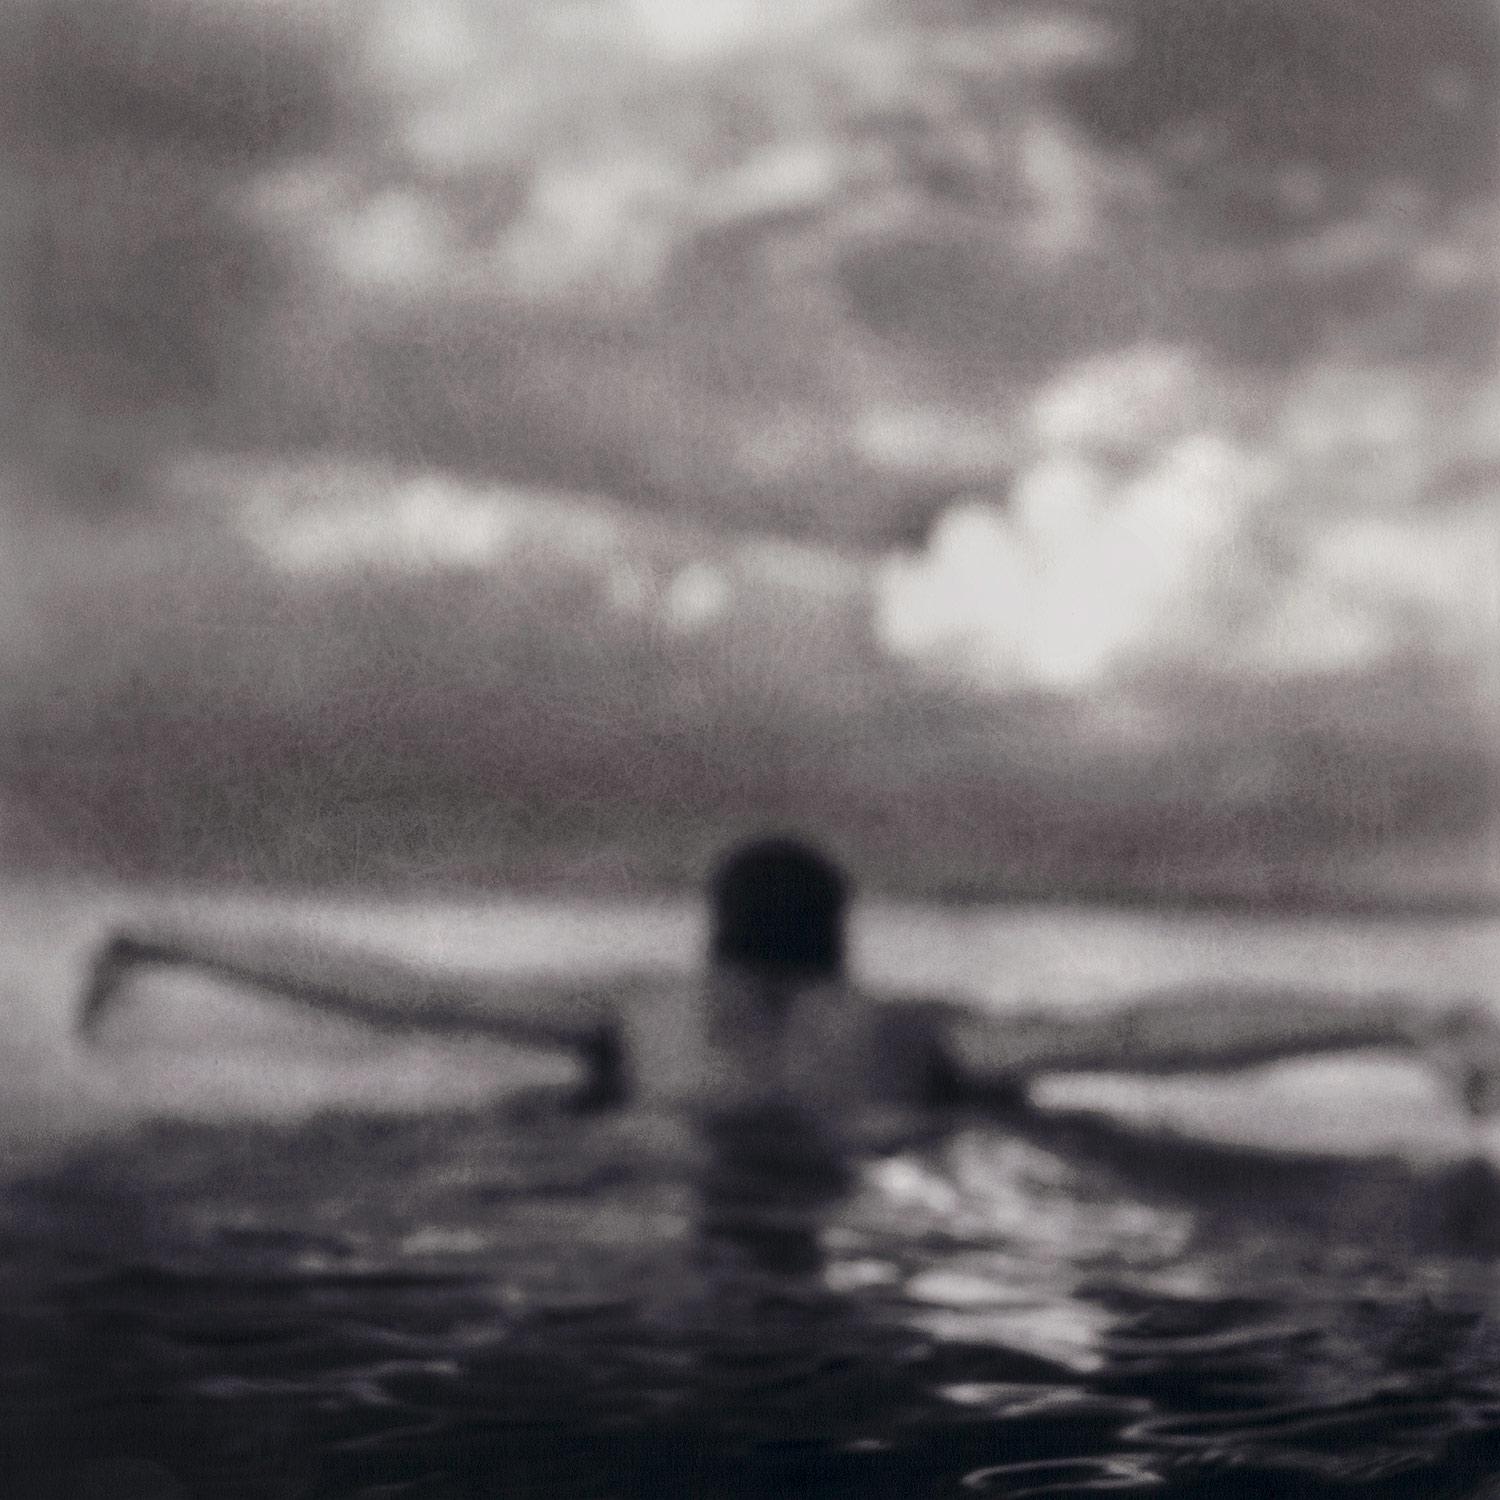 LANCE CLAYTON SWIM, 1998  SELENIUM TONED SILVER GELATIN